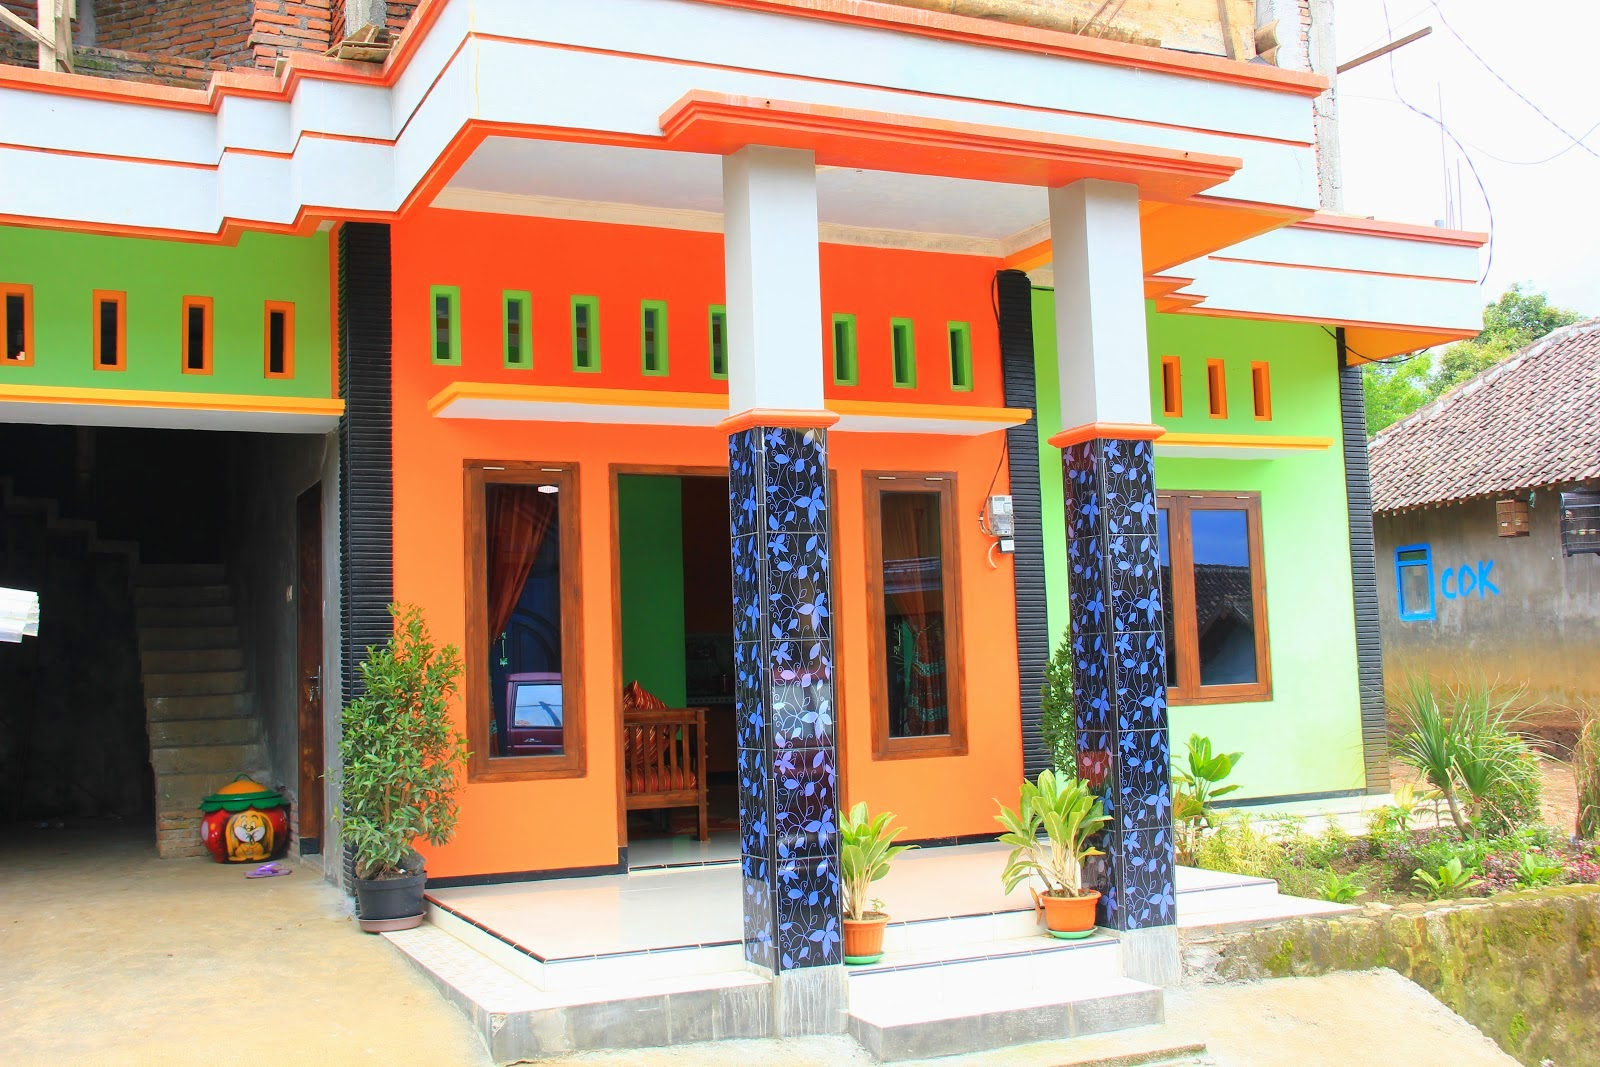 Villa Batu Malang Murah Menawarkan Fasilitas Yang Tidak Kalah Dengan Hotel Kota Keunggulan Lainnya Adalah Dekat Tempat Wisata Antara Lain